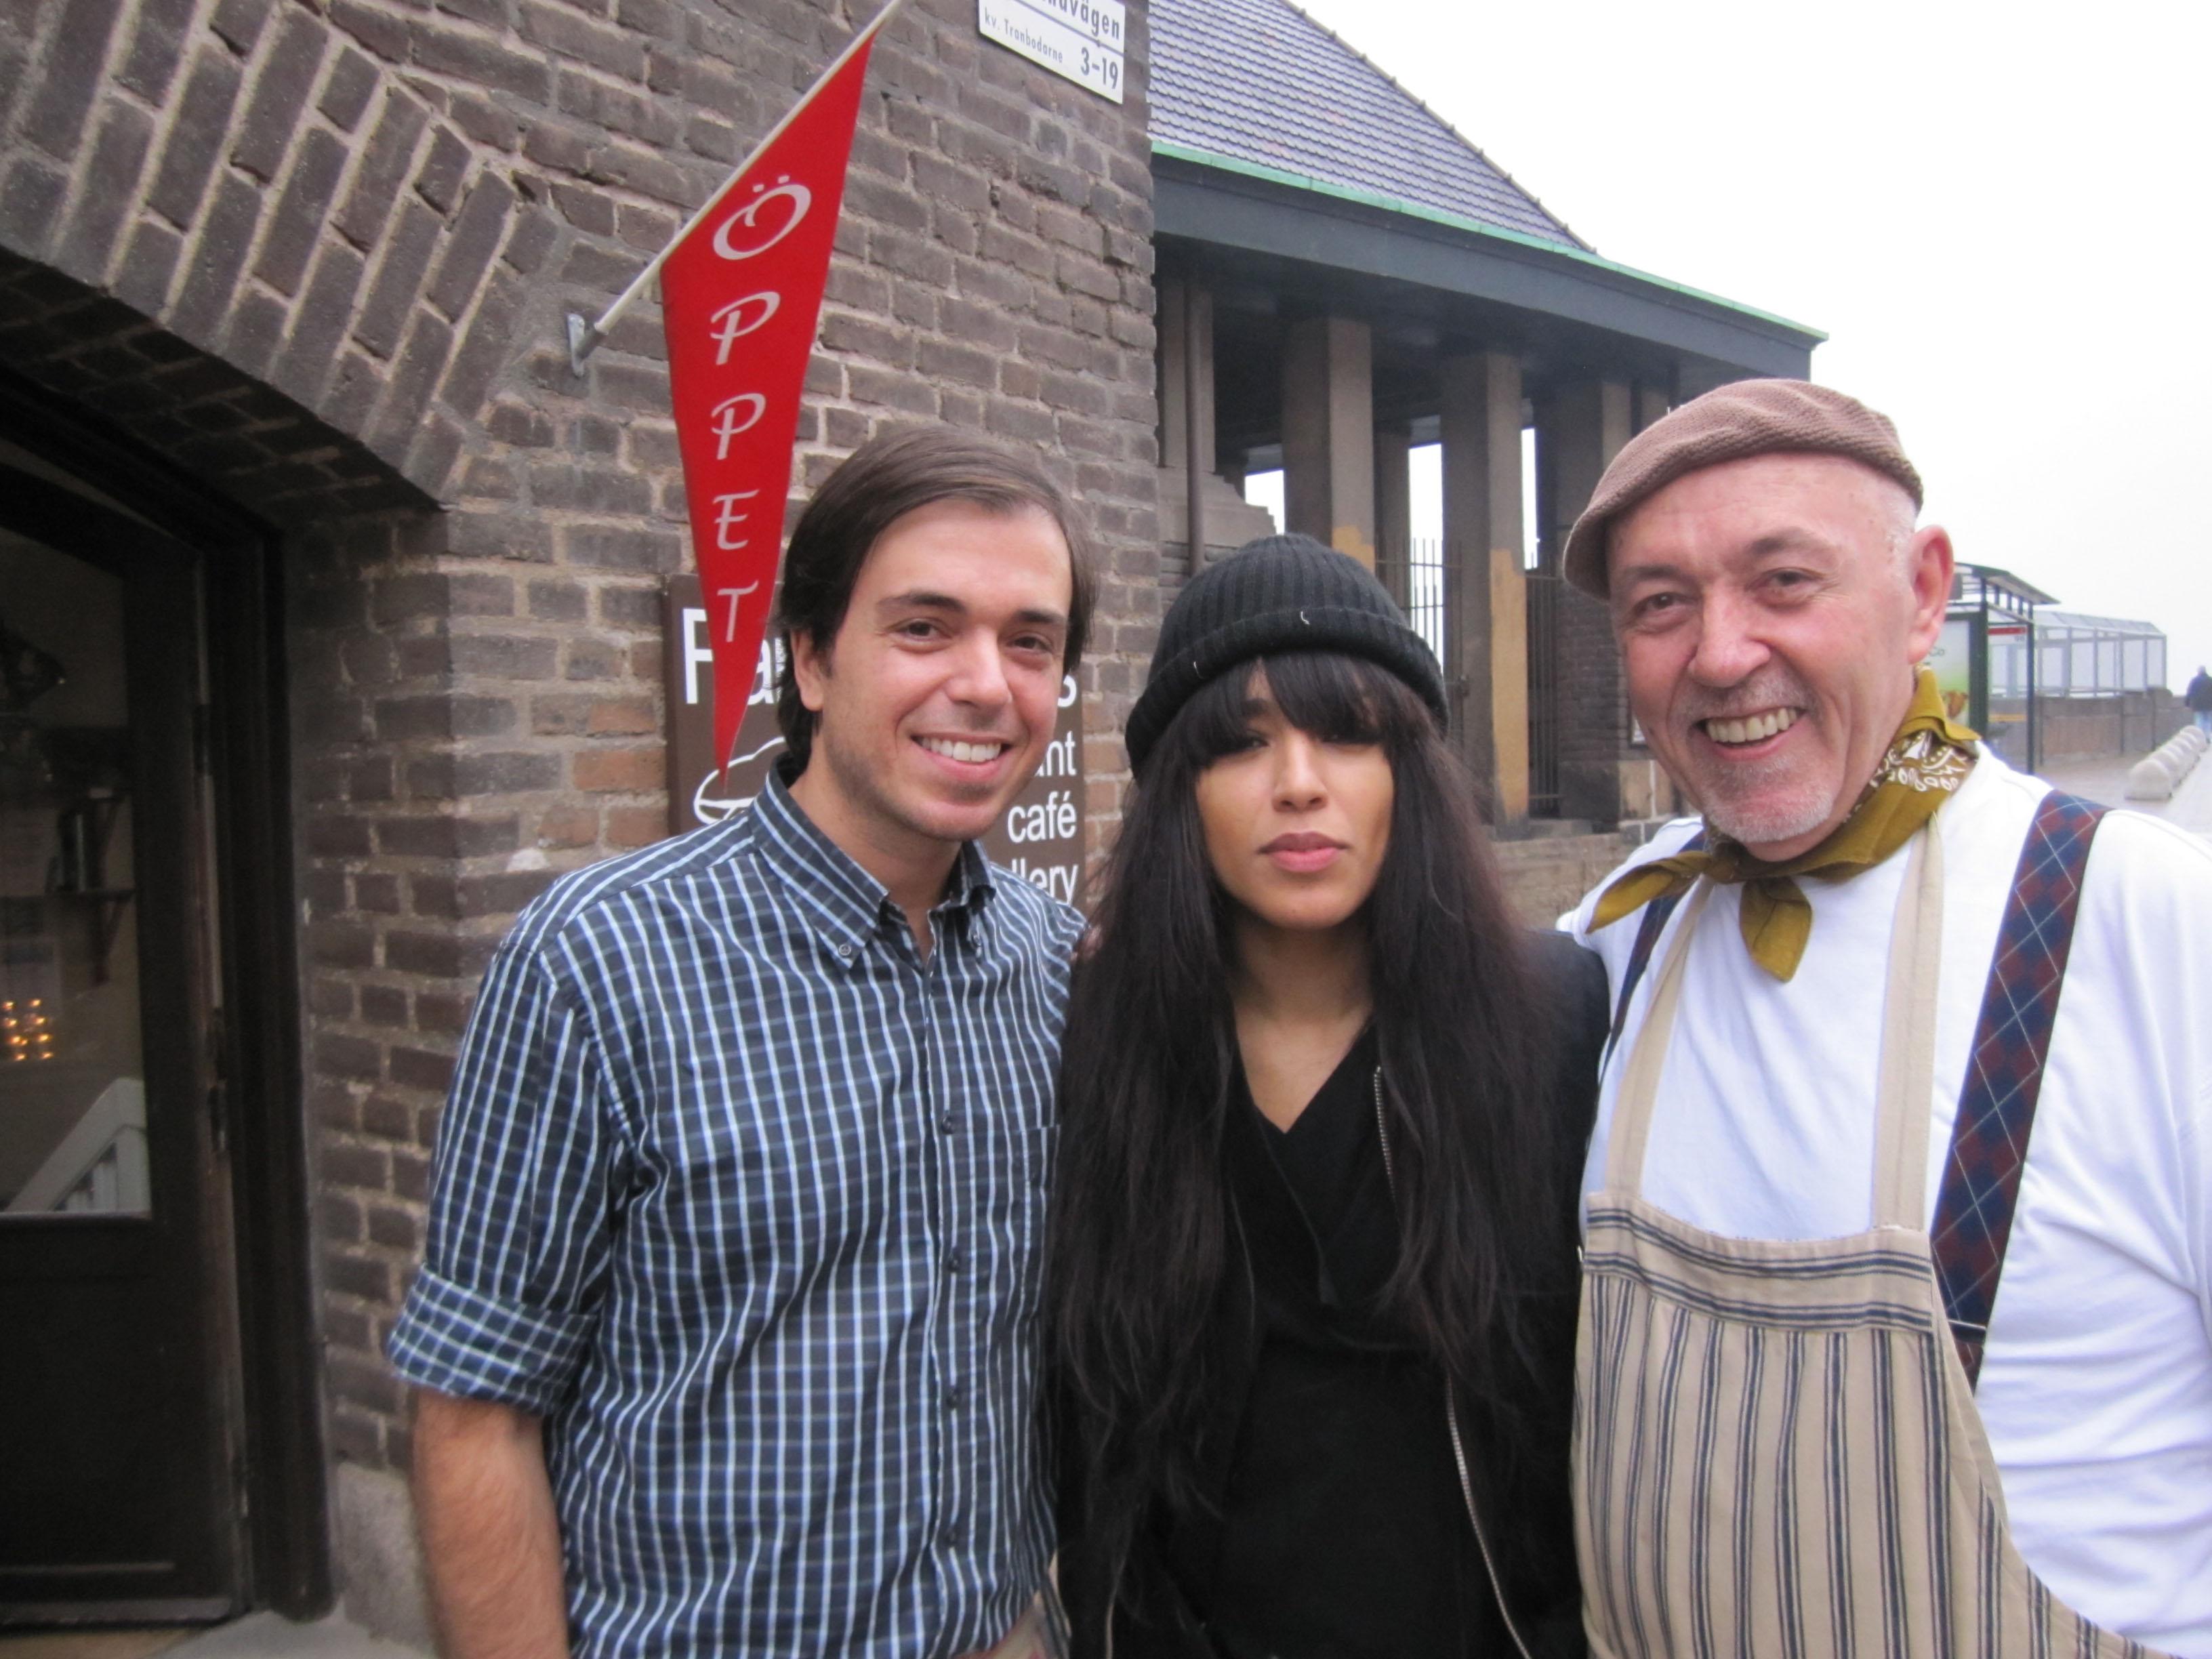 Sångerskan Loreen Talhaoui som vann Eurovisionen med Euphoria på bild med farbror Nikos till höger och Grigoris till vänster